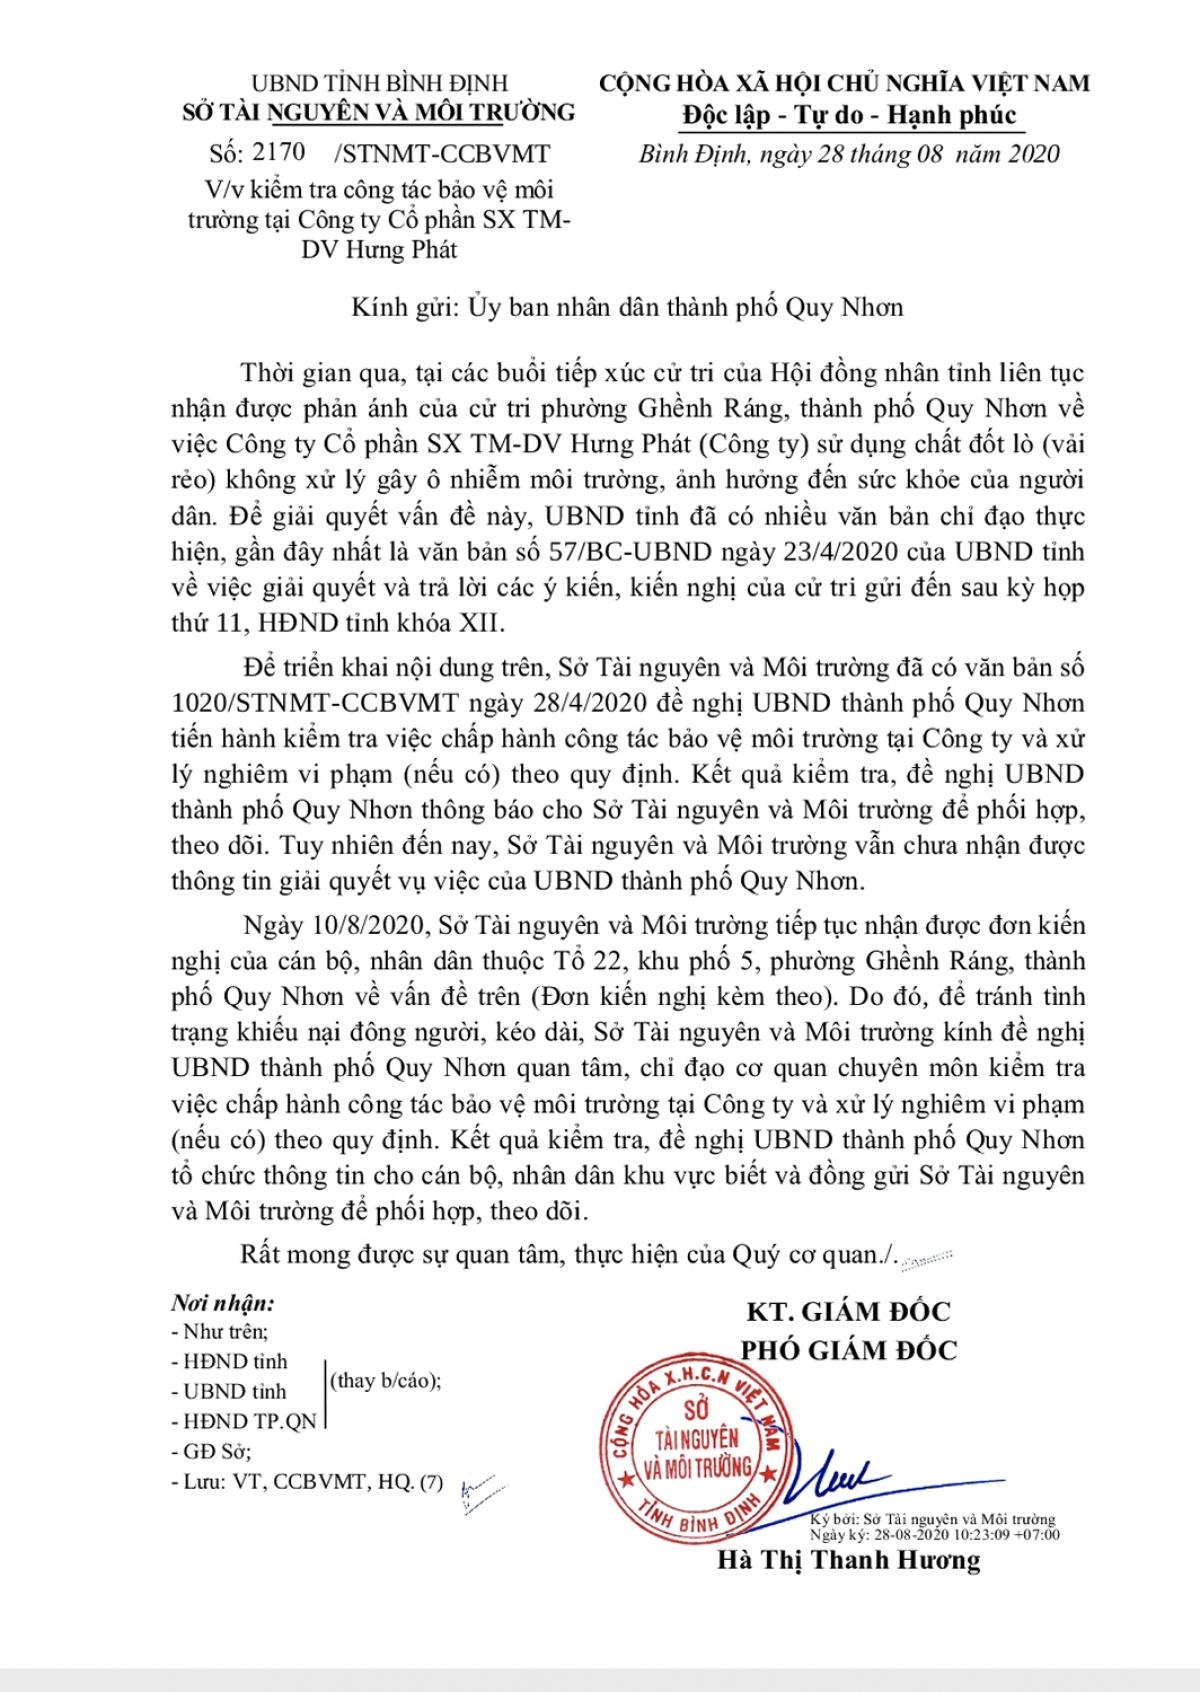 Công văn Sở Tài nguyên Môi trường tỉnh đề nghị UBND Tp. Quy Nhơn về việc kiểm tra công tác bảo vệ môi trường tại Công ty Hưng Phát.